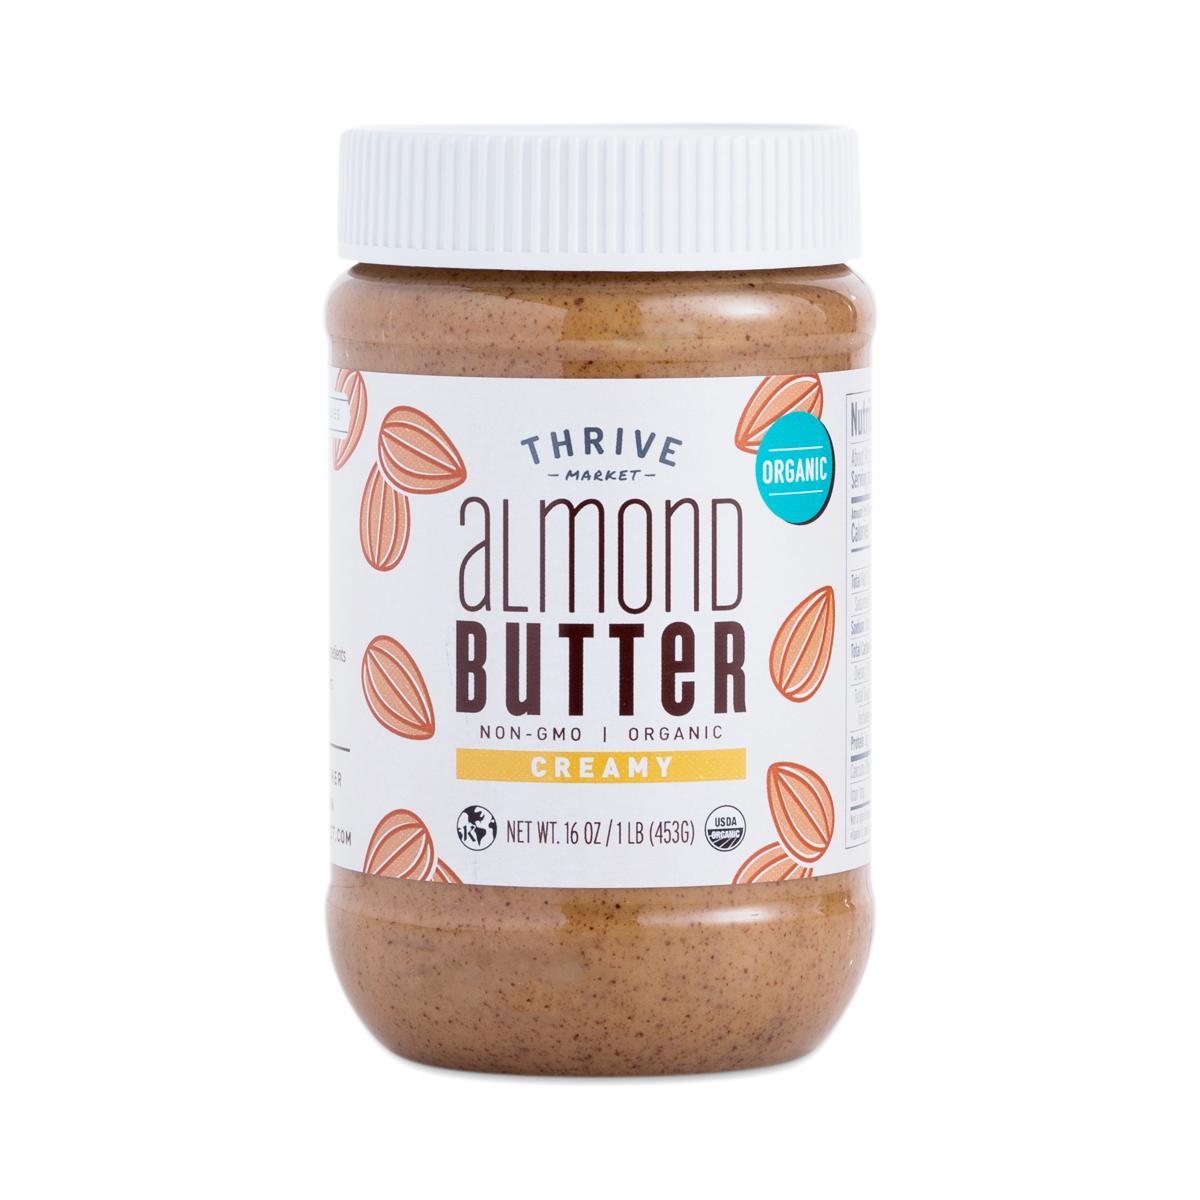 Organic Creamy Almond Butter - Thrive Market Almond Butter